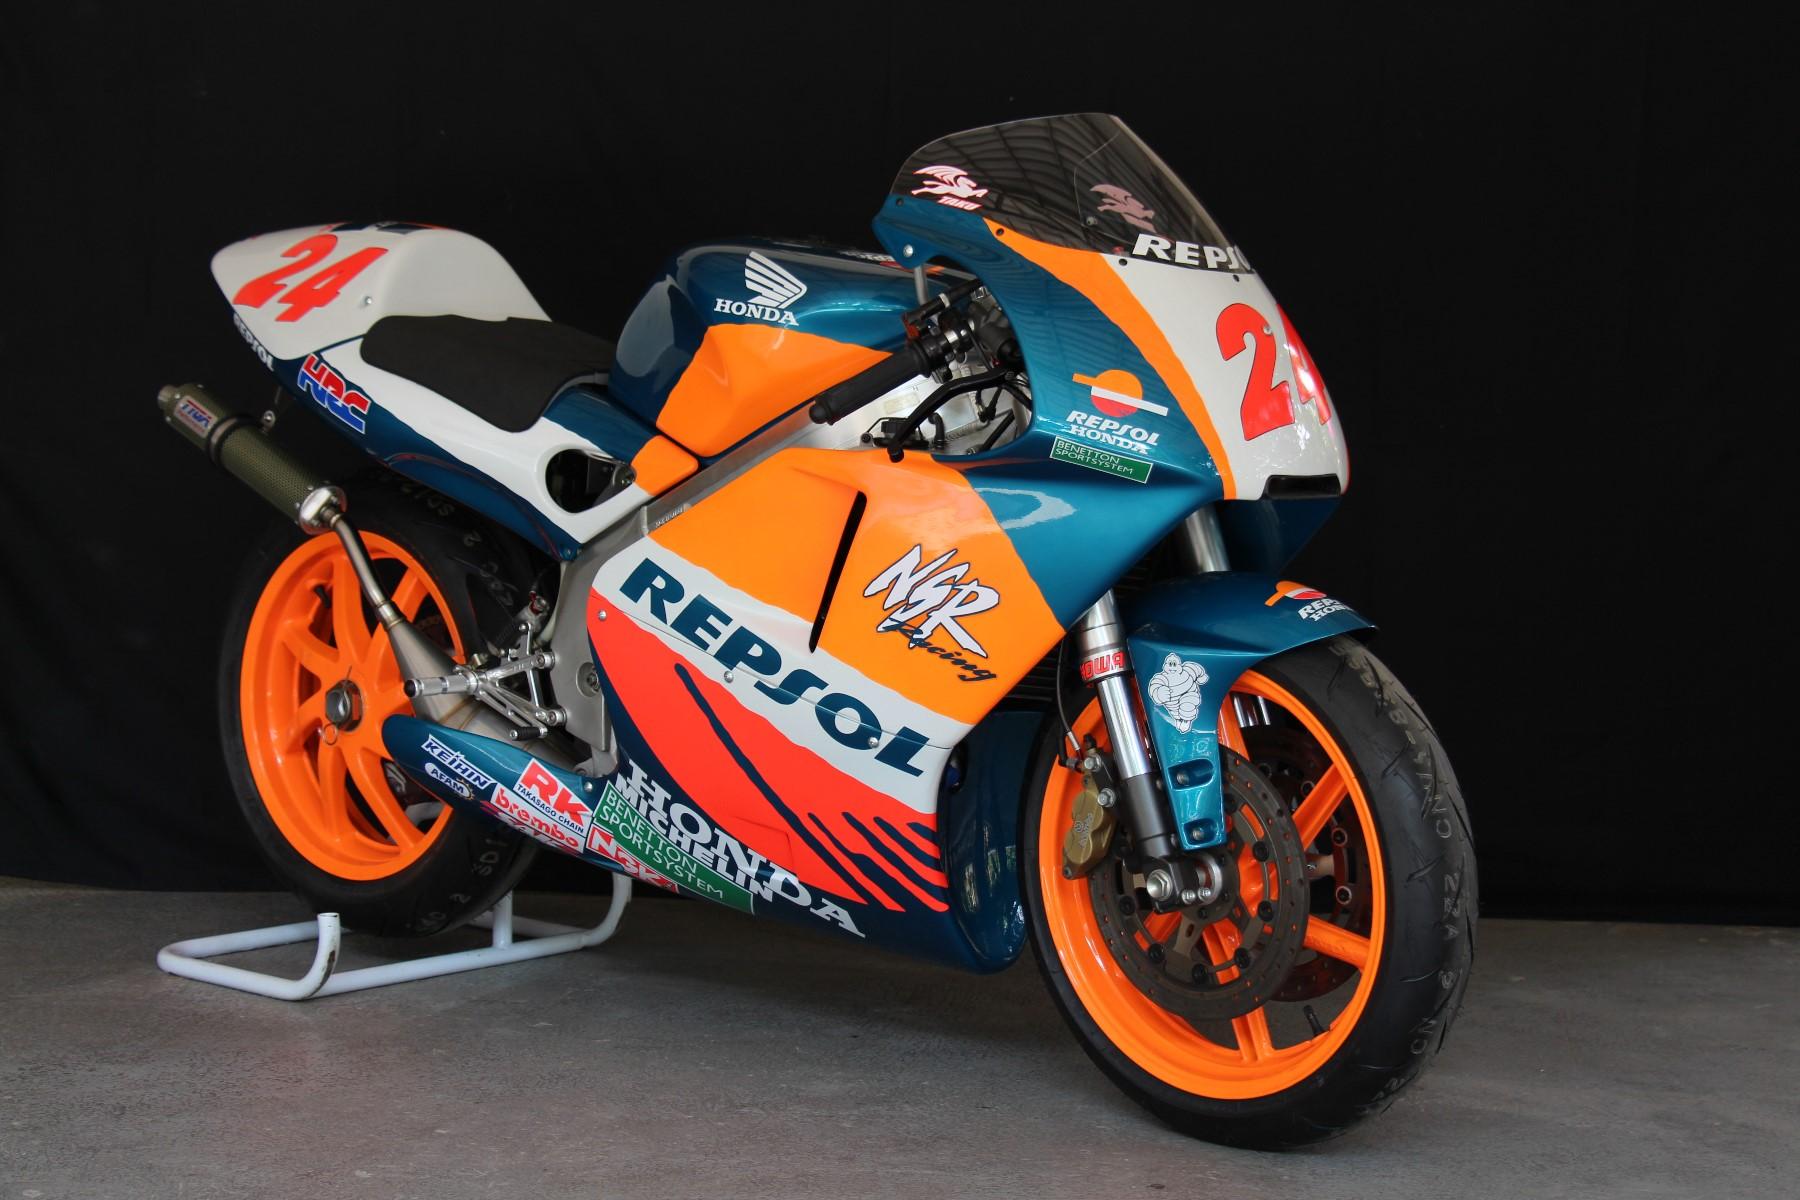 New Kawasaki KX 250 K5 98 250cc Complete Full Gasket Set